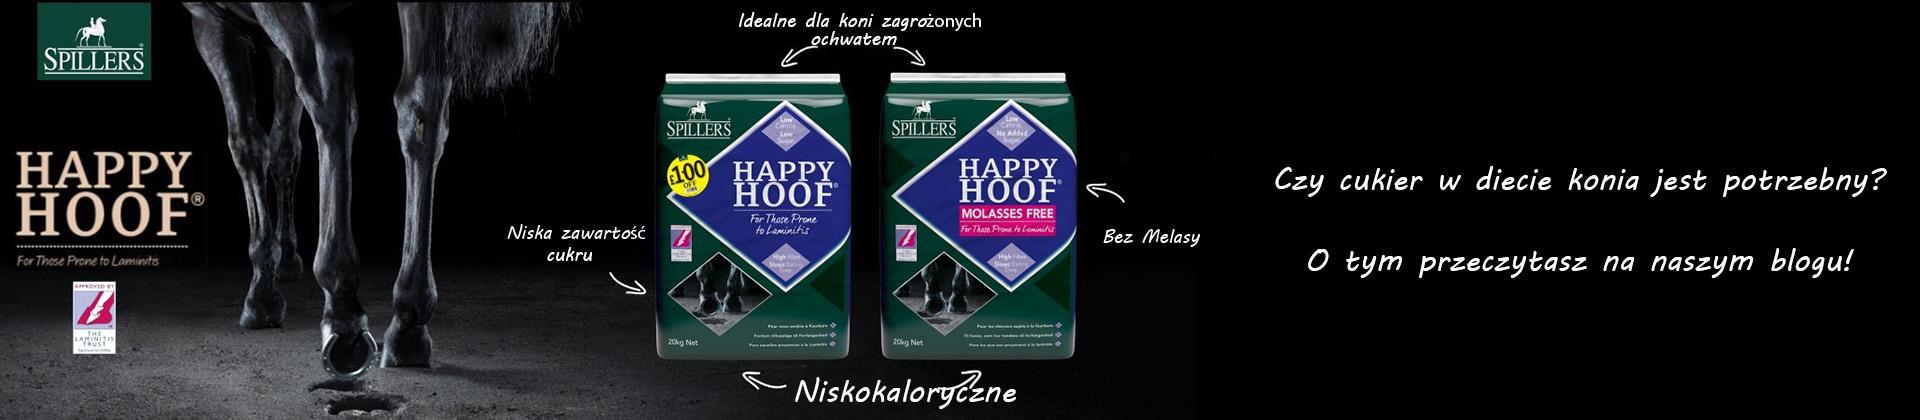 Baner Happy Hoof